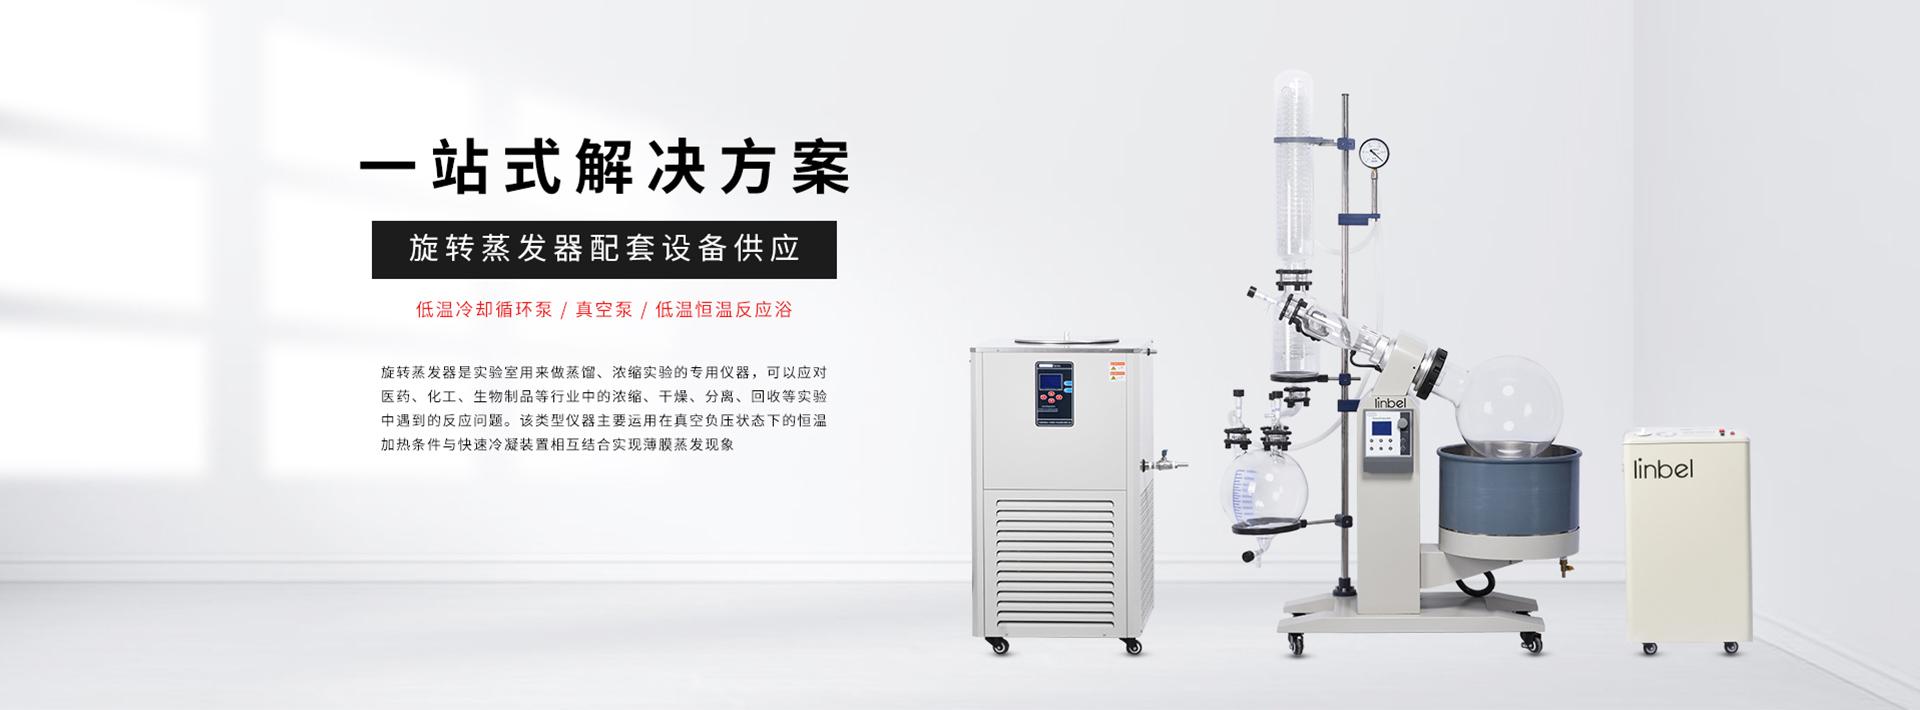 上海棱标仪器有限公司